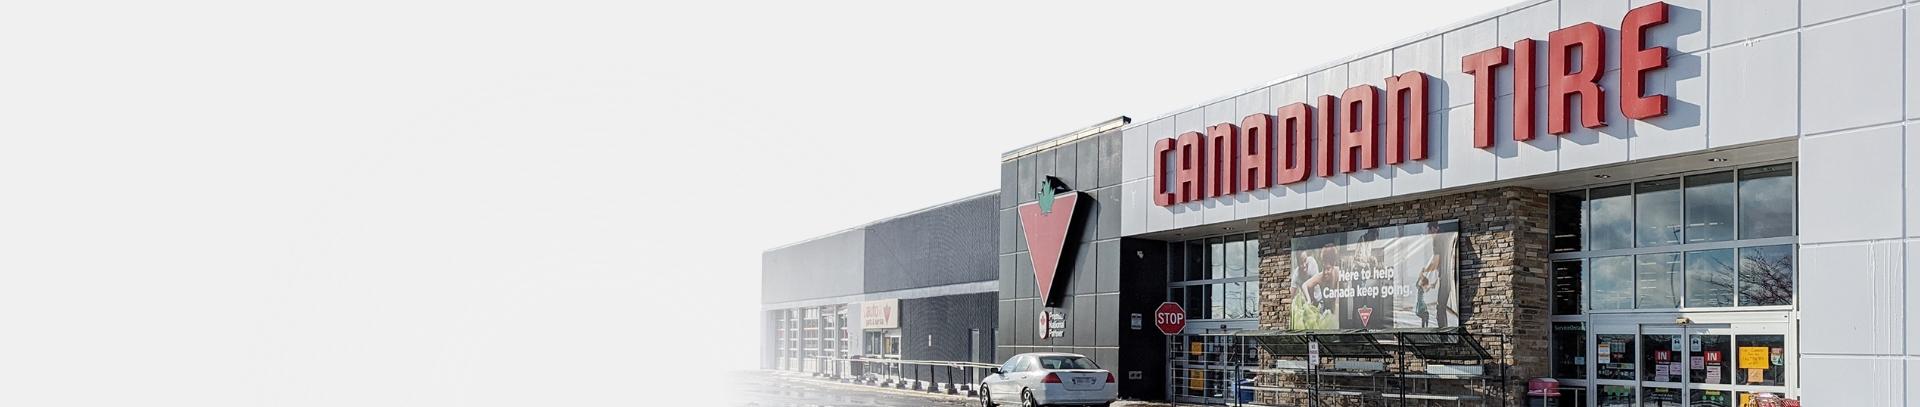 RAMASSAGE EN BORDURE DE MAGASIN SIMPLE ET RAPIDE  Essayez notre service de ramassage en bordure de magasin sécuritaire et gratuit pour tous vos besoins en magasinage.